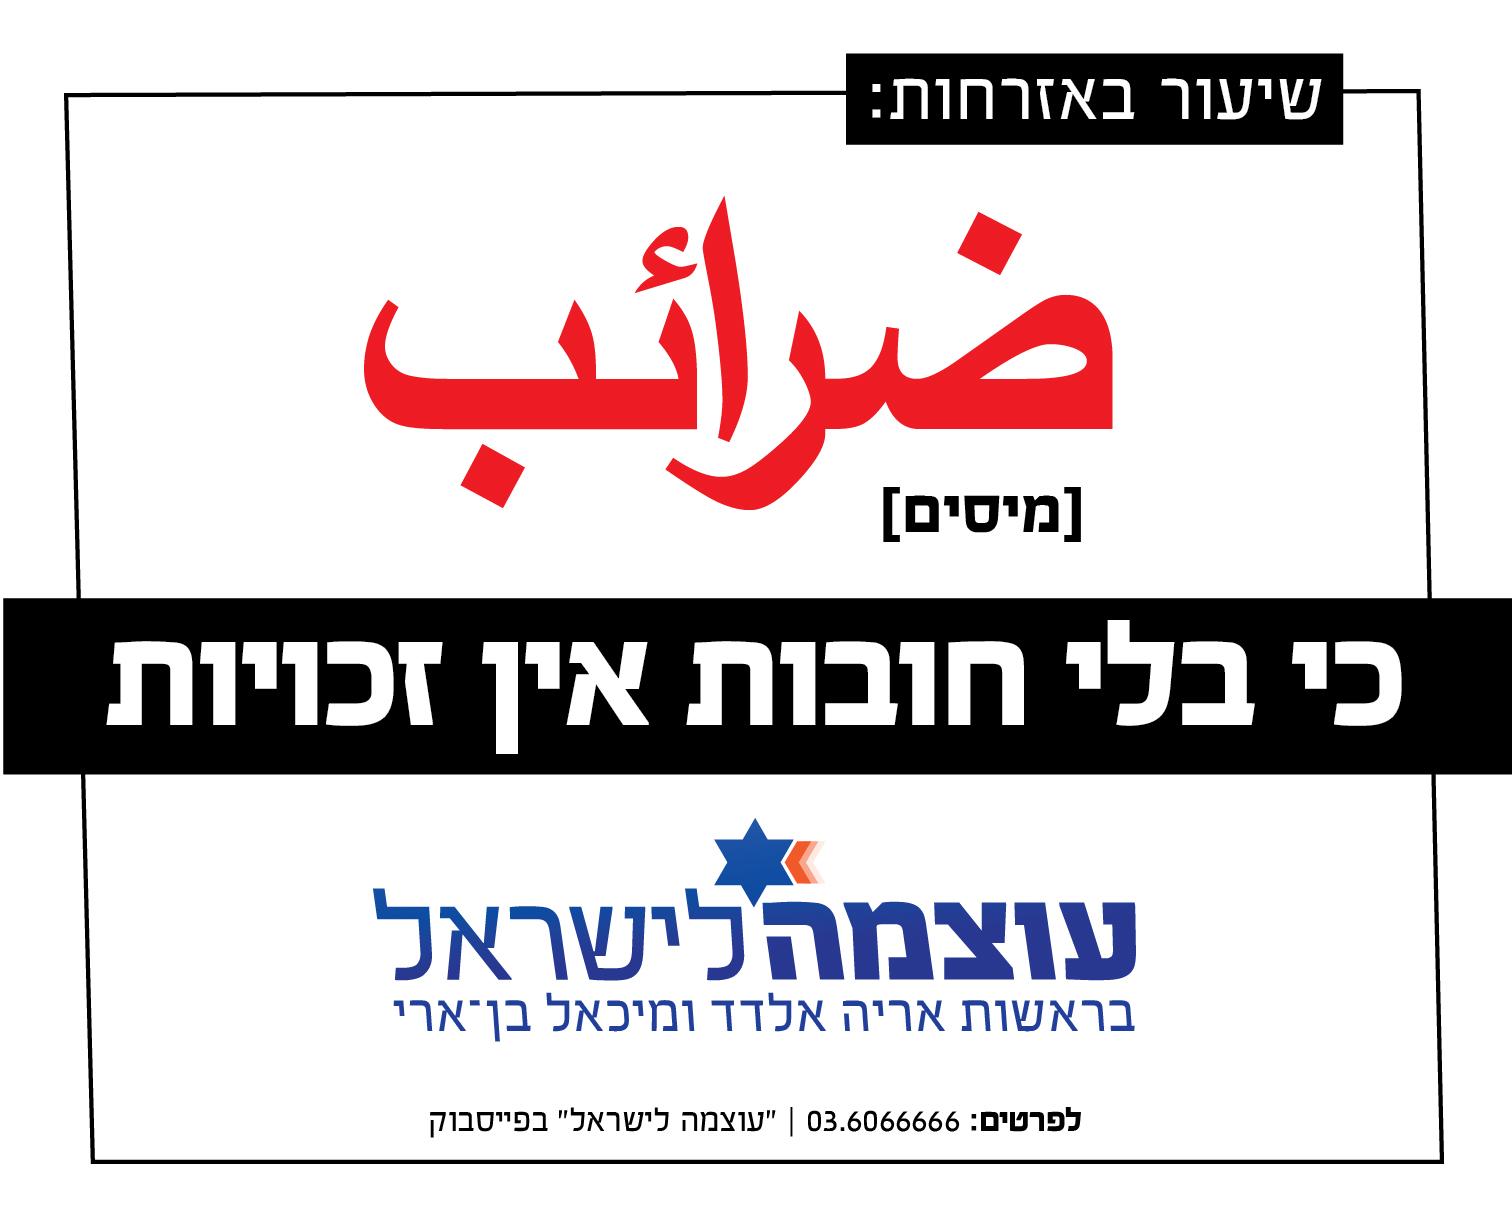 בחירות 2013: קמפיין הבחירות של מפלגת עוצמה לישראל - שיעור באזרחות